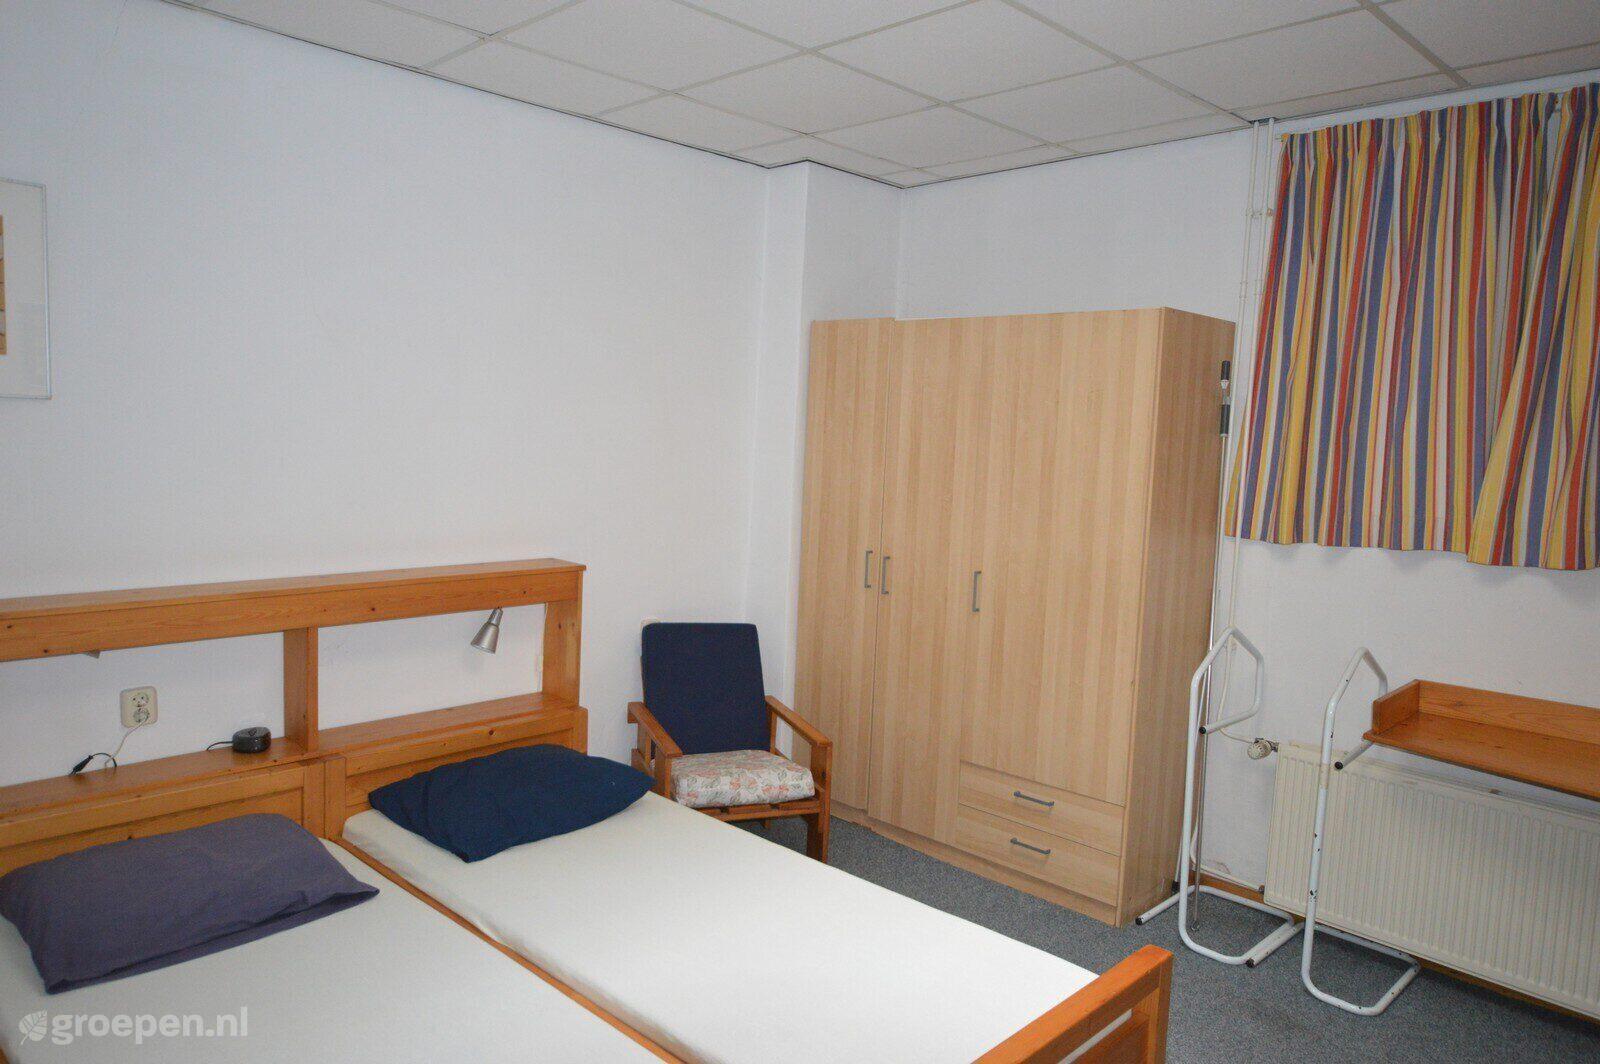 Vakantiehuis Elahuizen